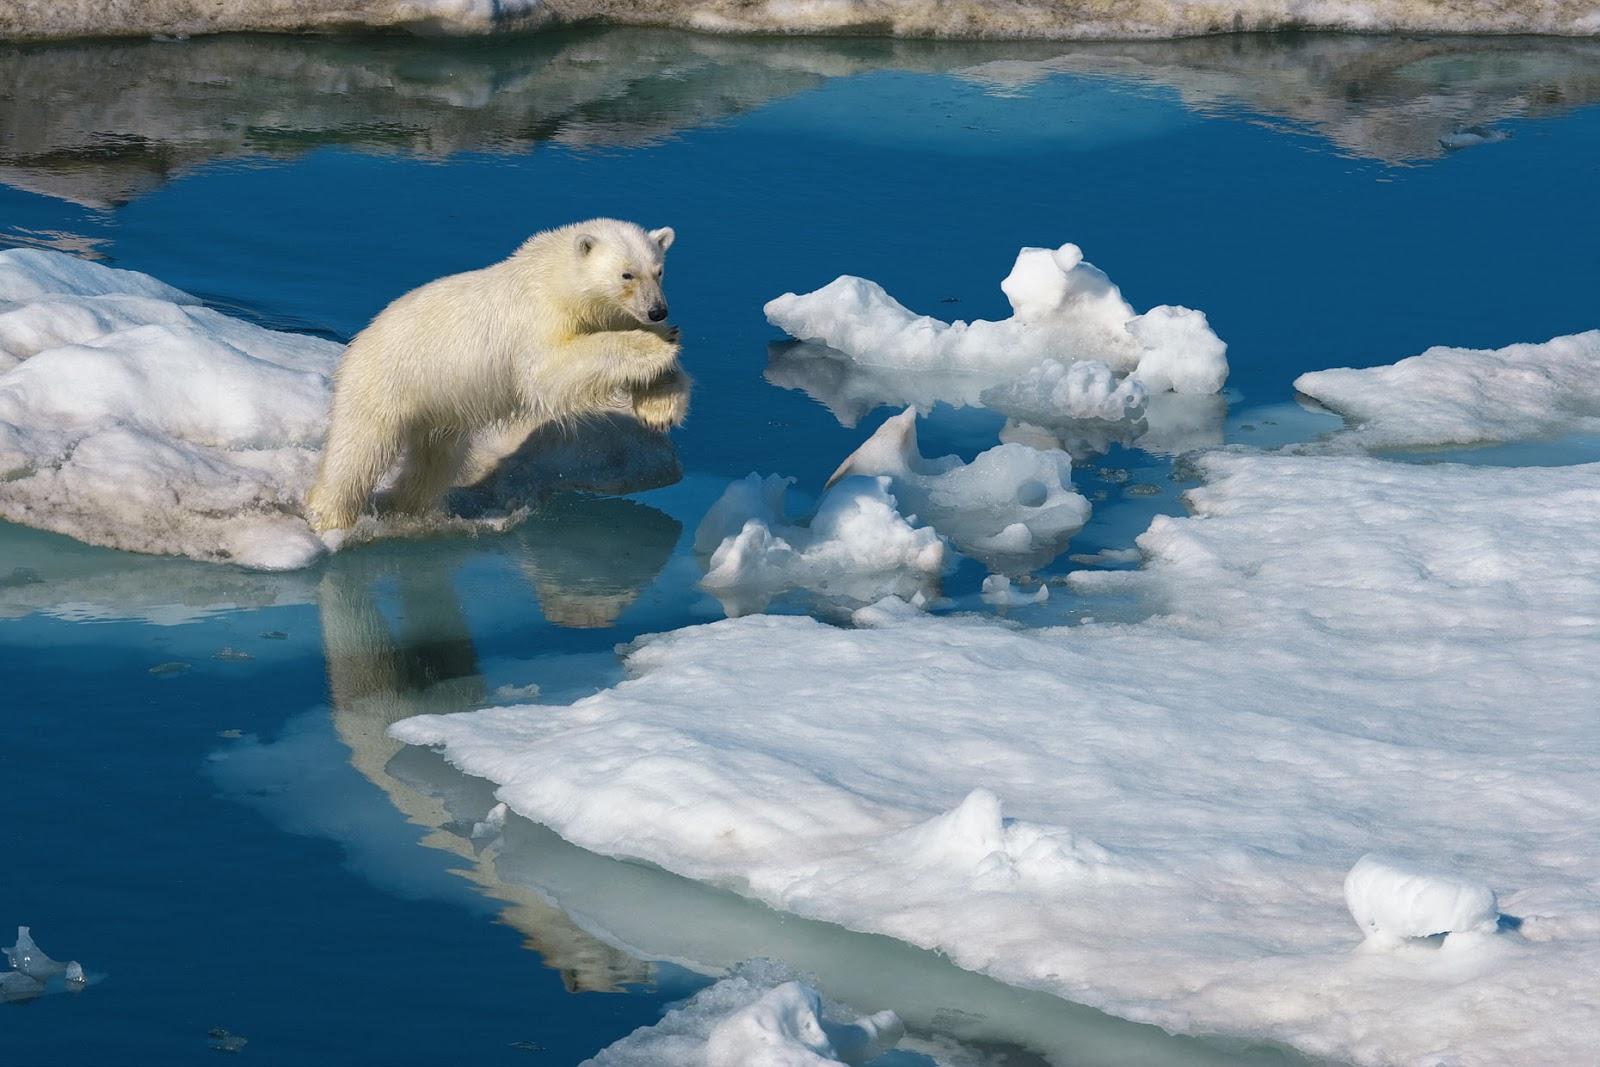 桌布下載: 跳躍浮冰的北極熊